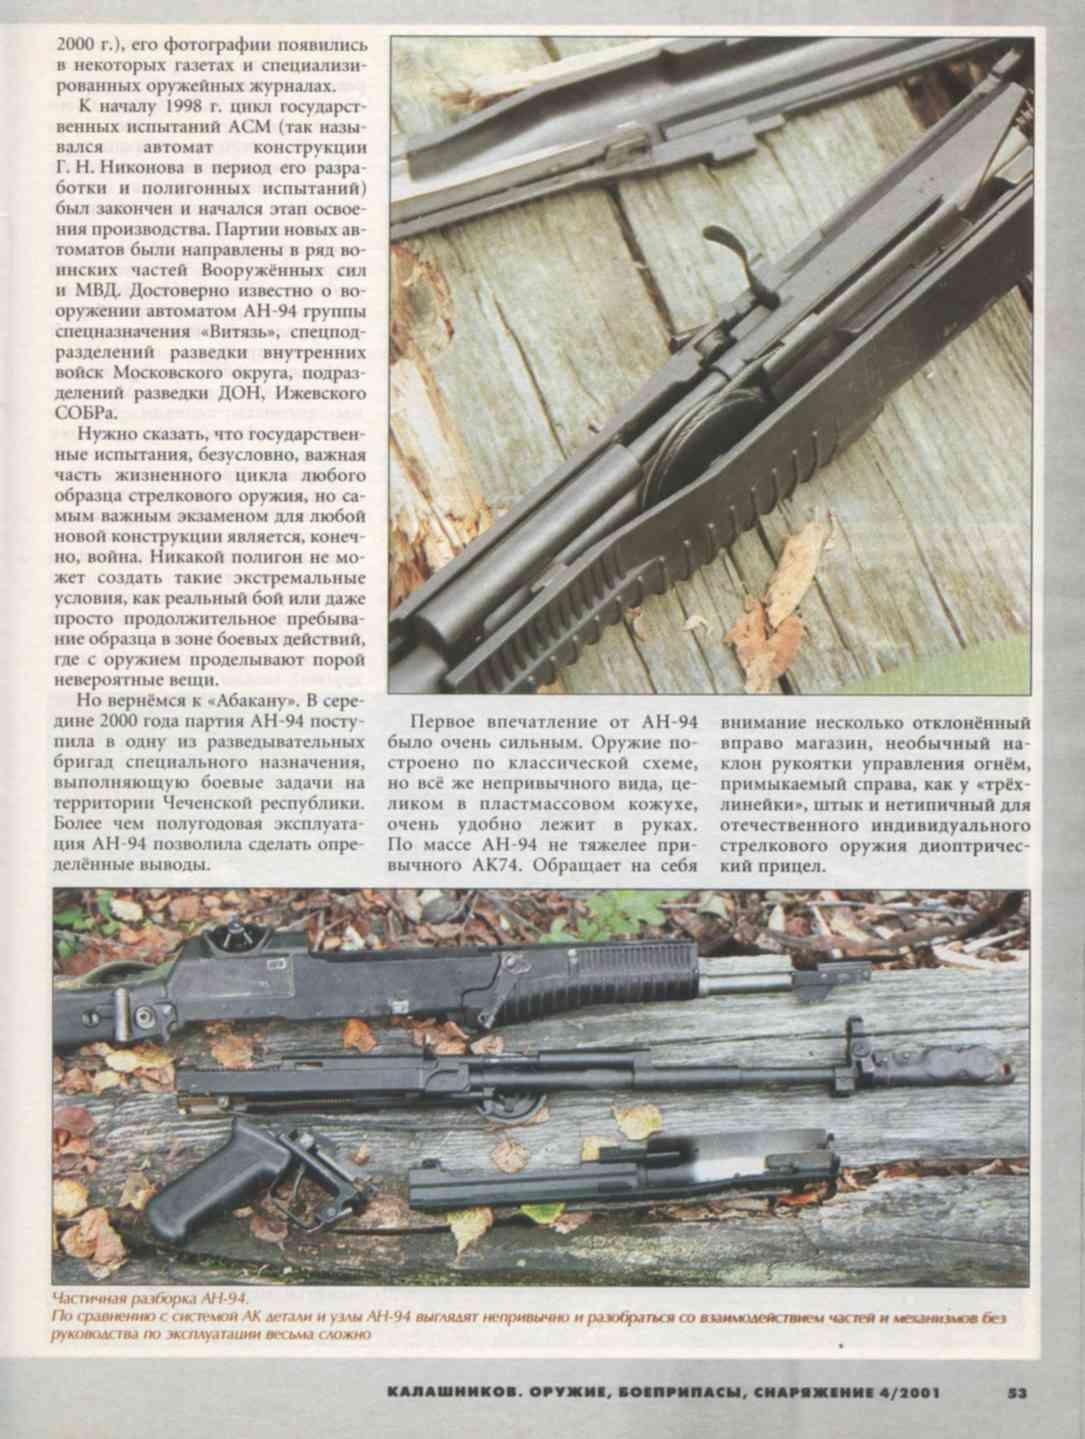 """Ан-94 """"абакан"""" (автомат): характеристики, история создания и фото"""